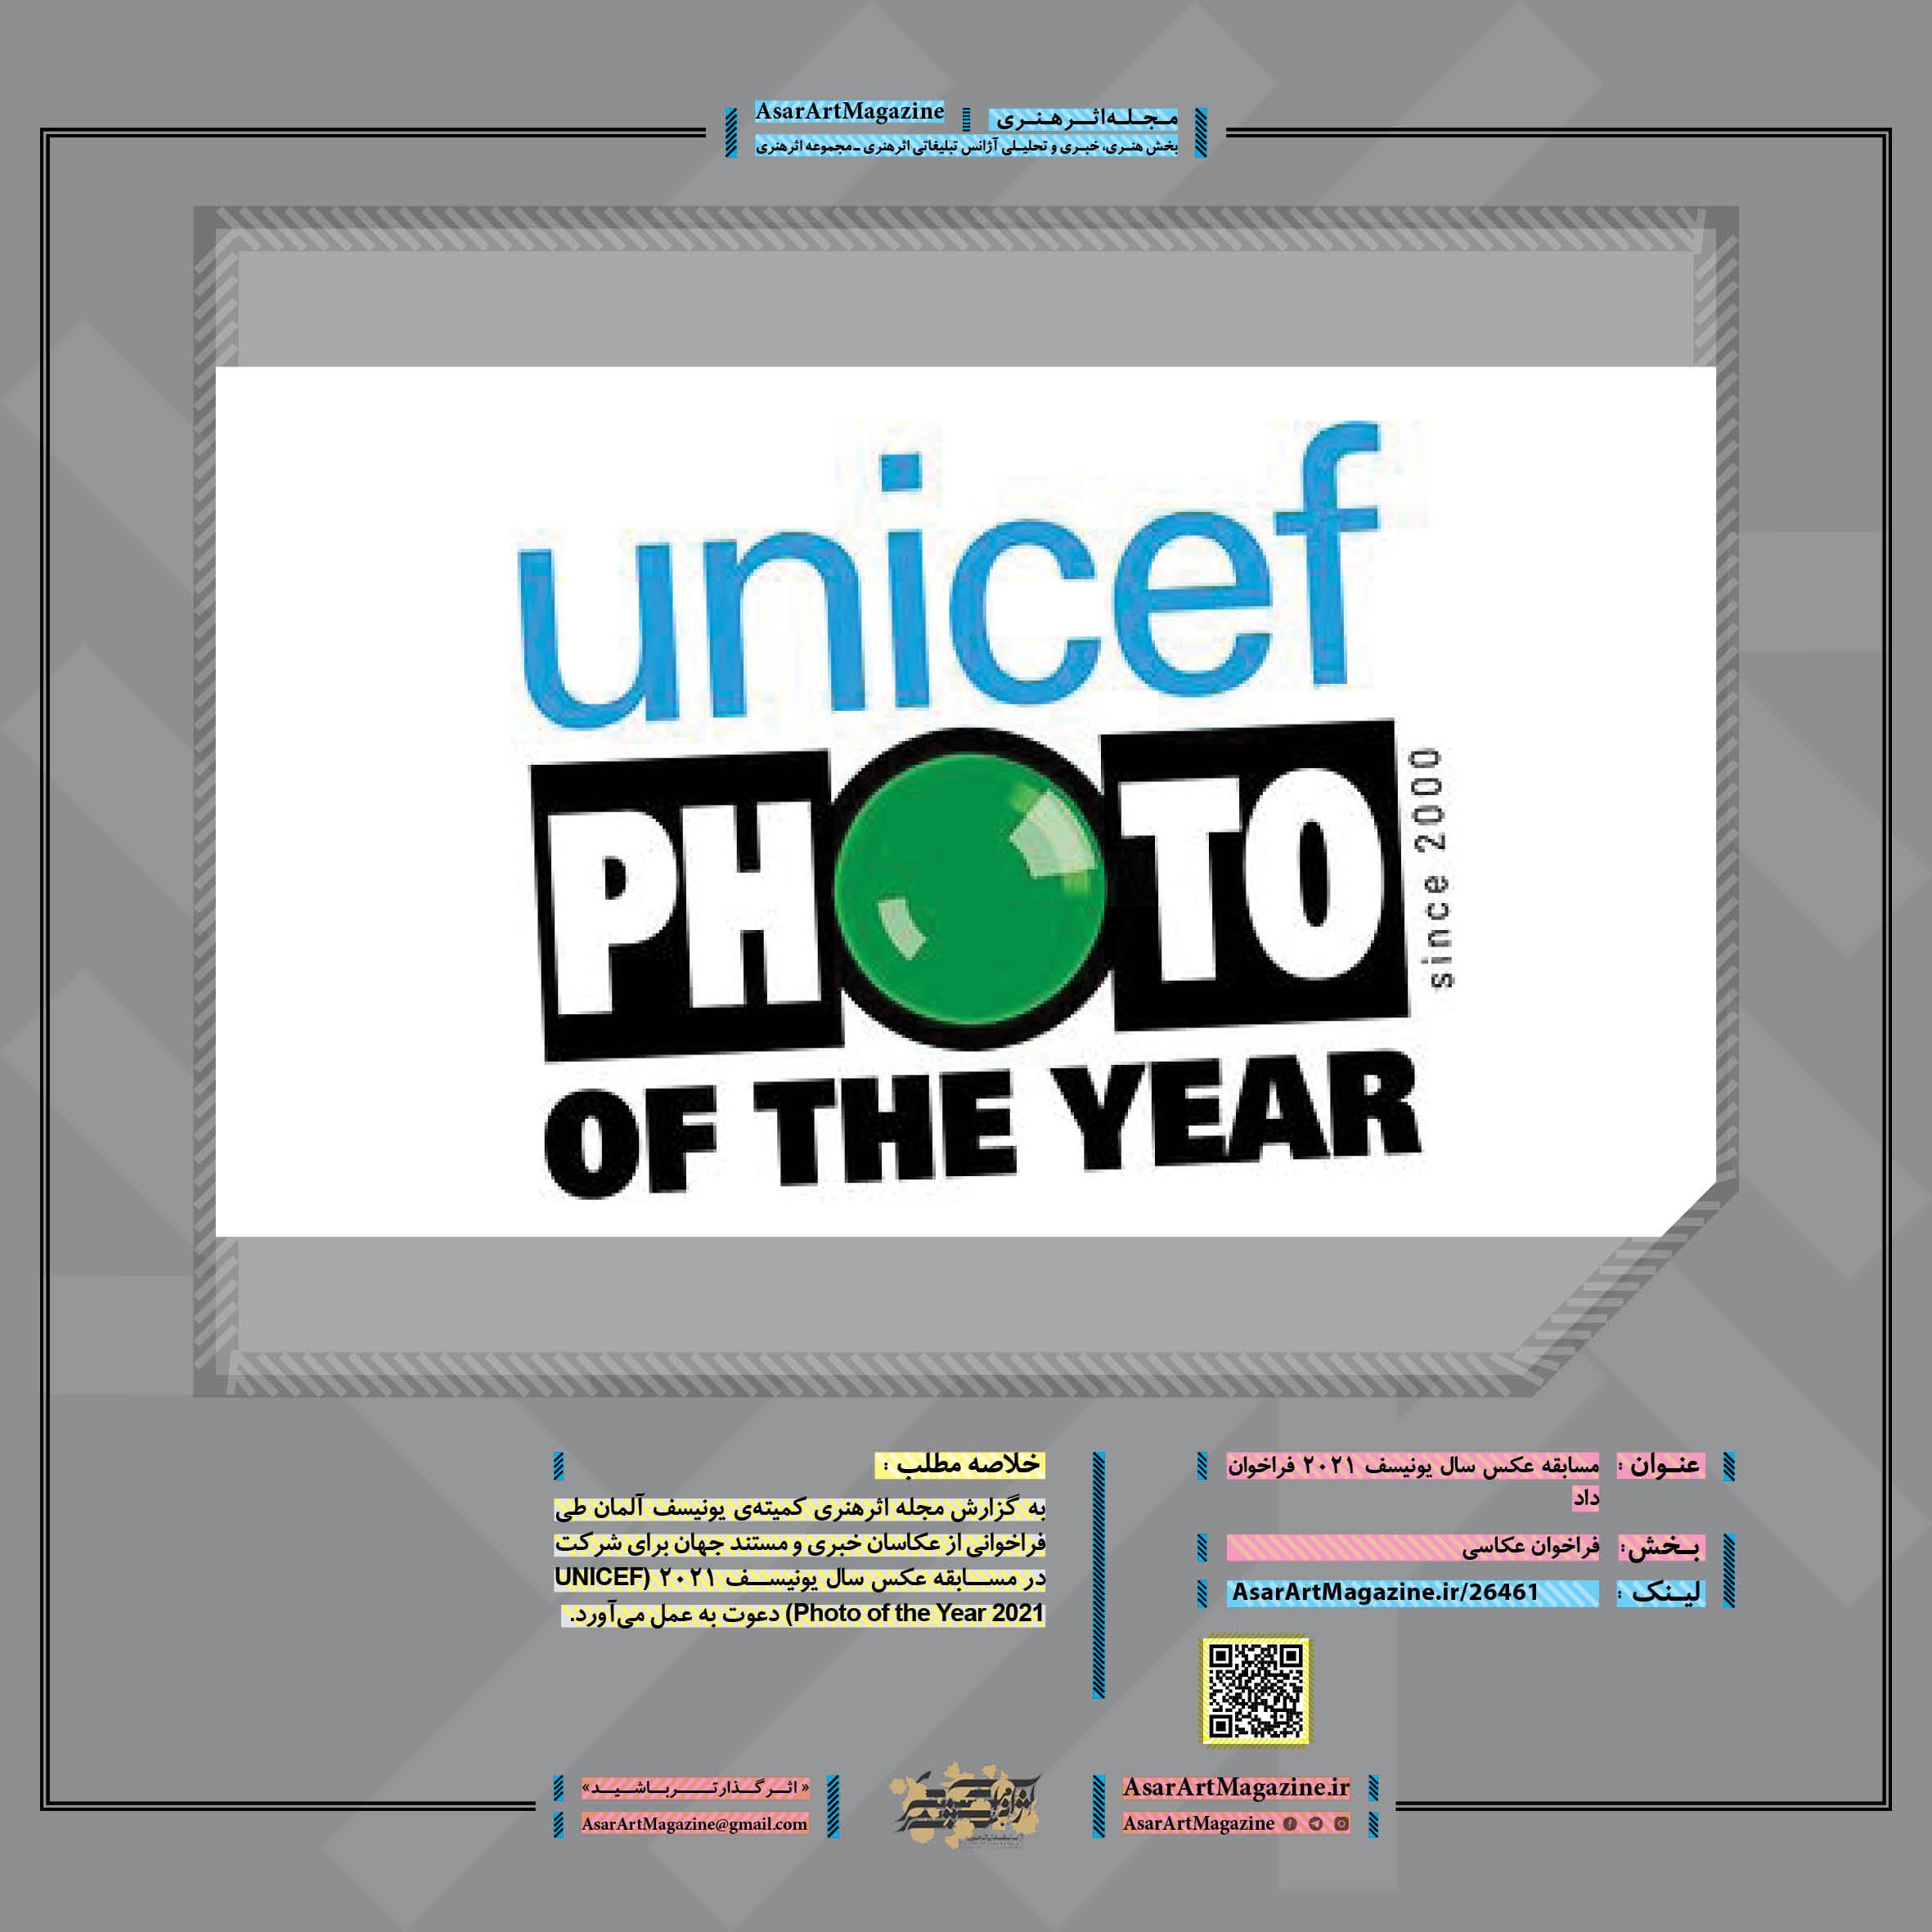 مسابقه عکس سال یونیسف ۲۰۲۱ فراخوان داد  |  مجله اثرهنری، بخش هنری، خبری و تحلیلی مجموعه اثرهنری | مجله اثر هنری ـ «اثرگذارتر باشید»